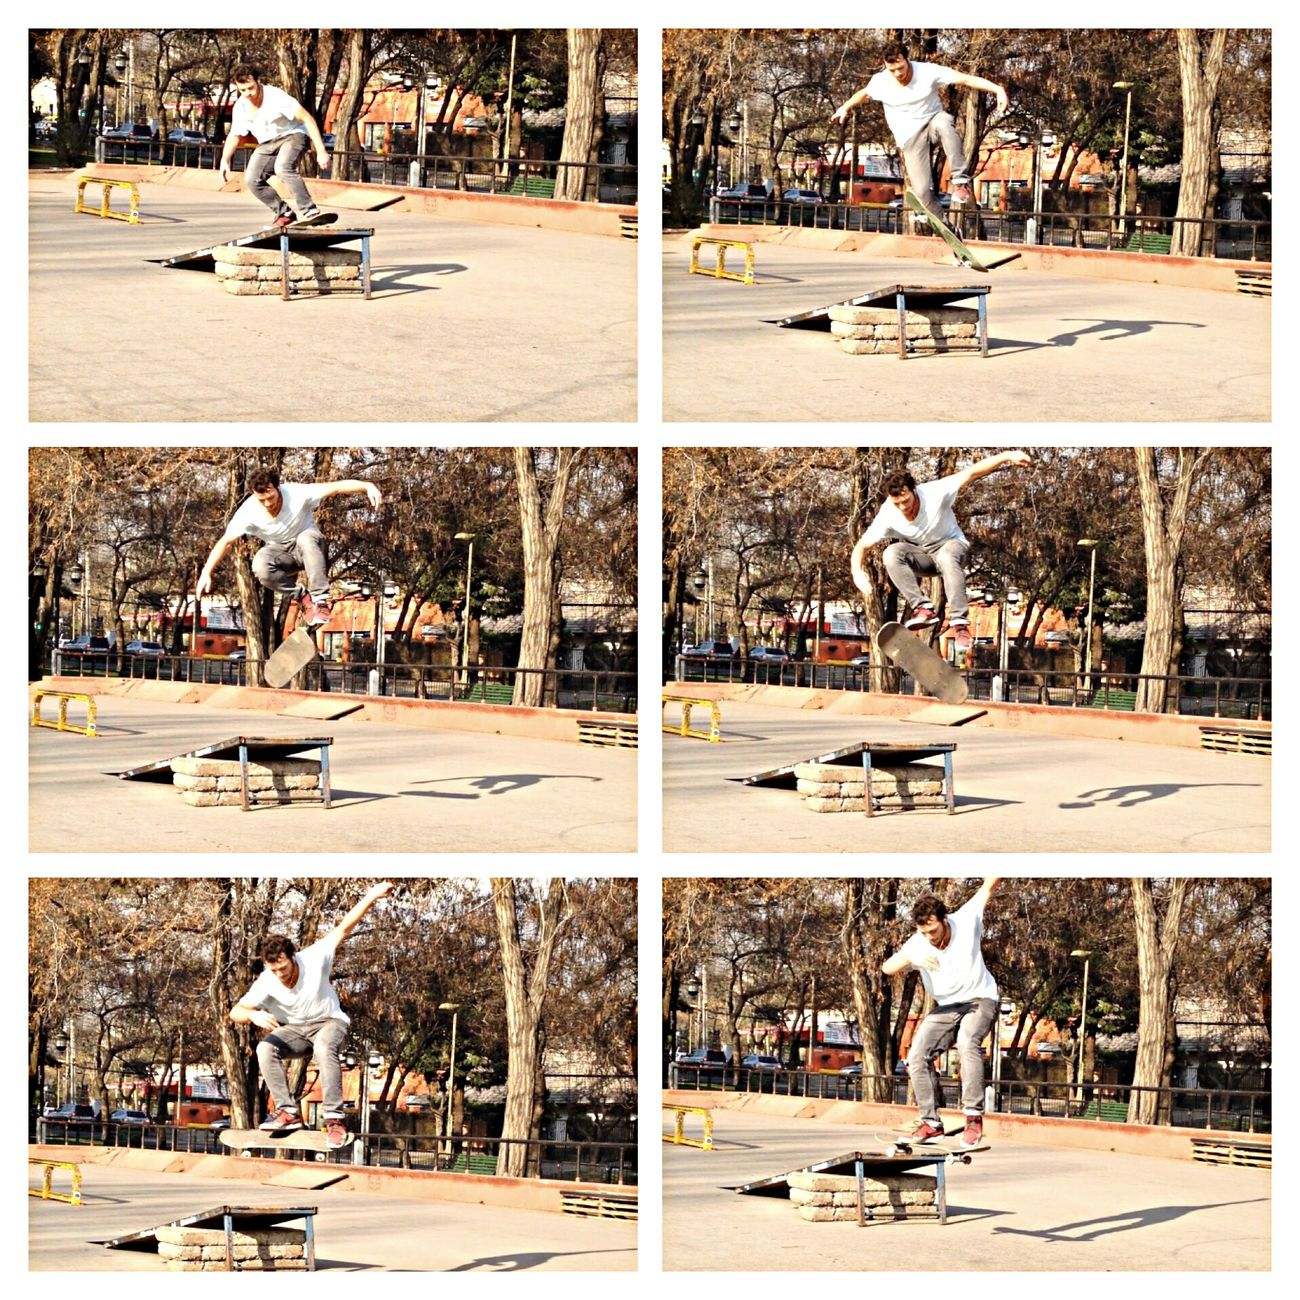 360 flip Skateboarding Enjoying Life Hello World That's Me